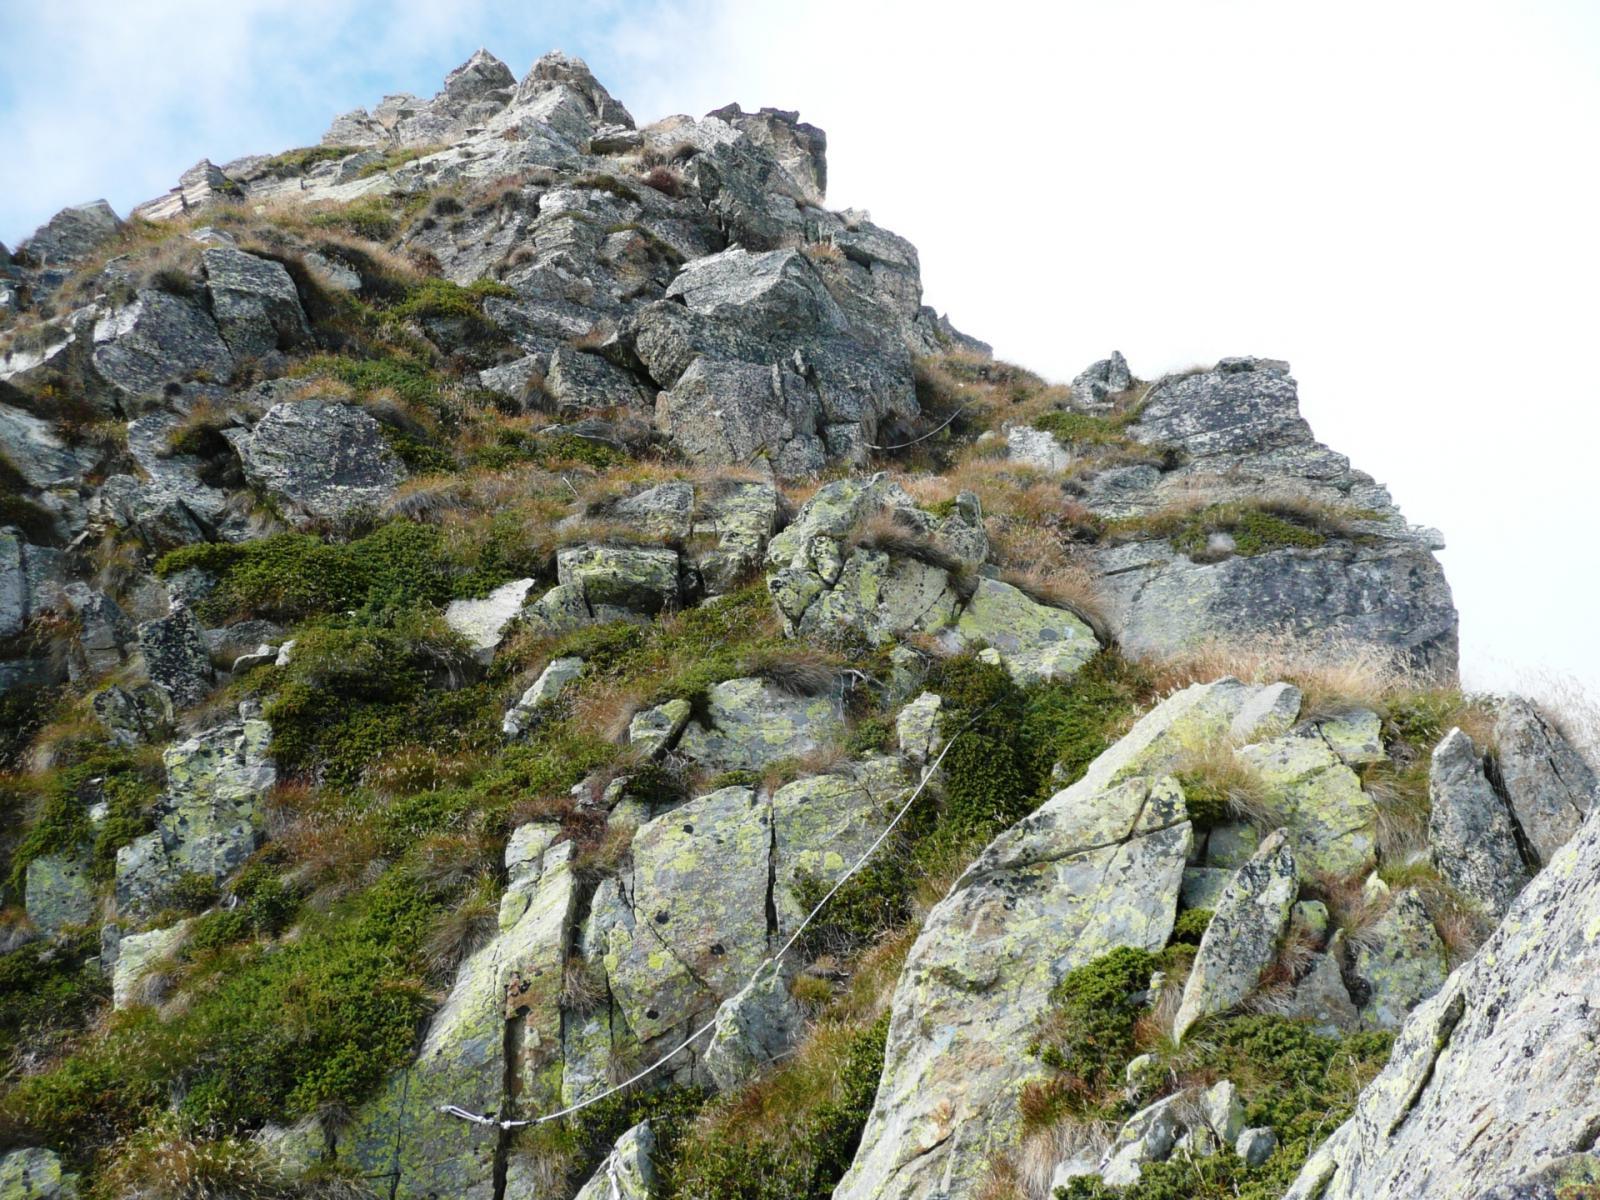 la ripida discesa del versante sud del Grande Lej Long attrezzata con corde fisse